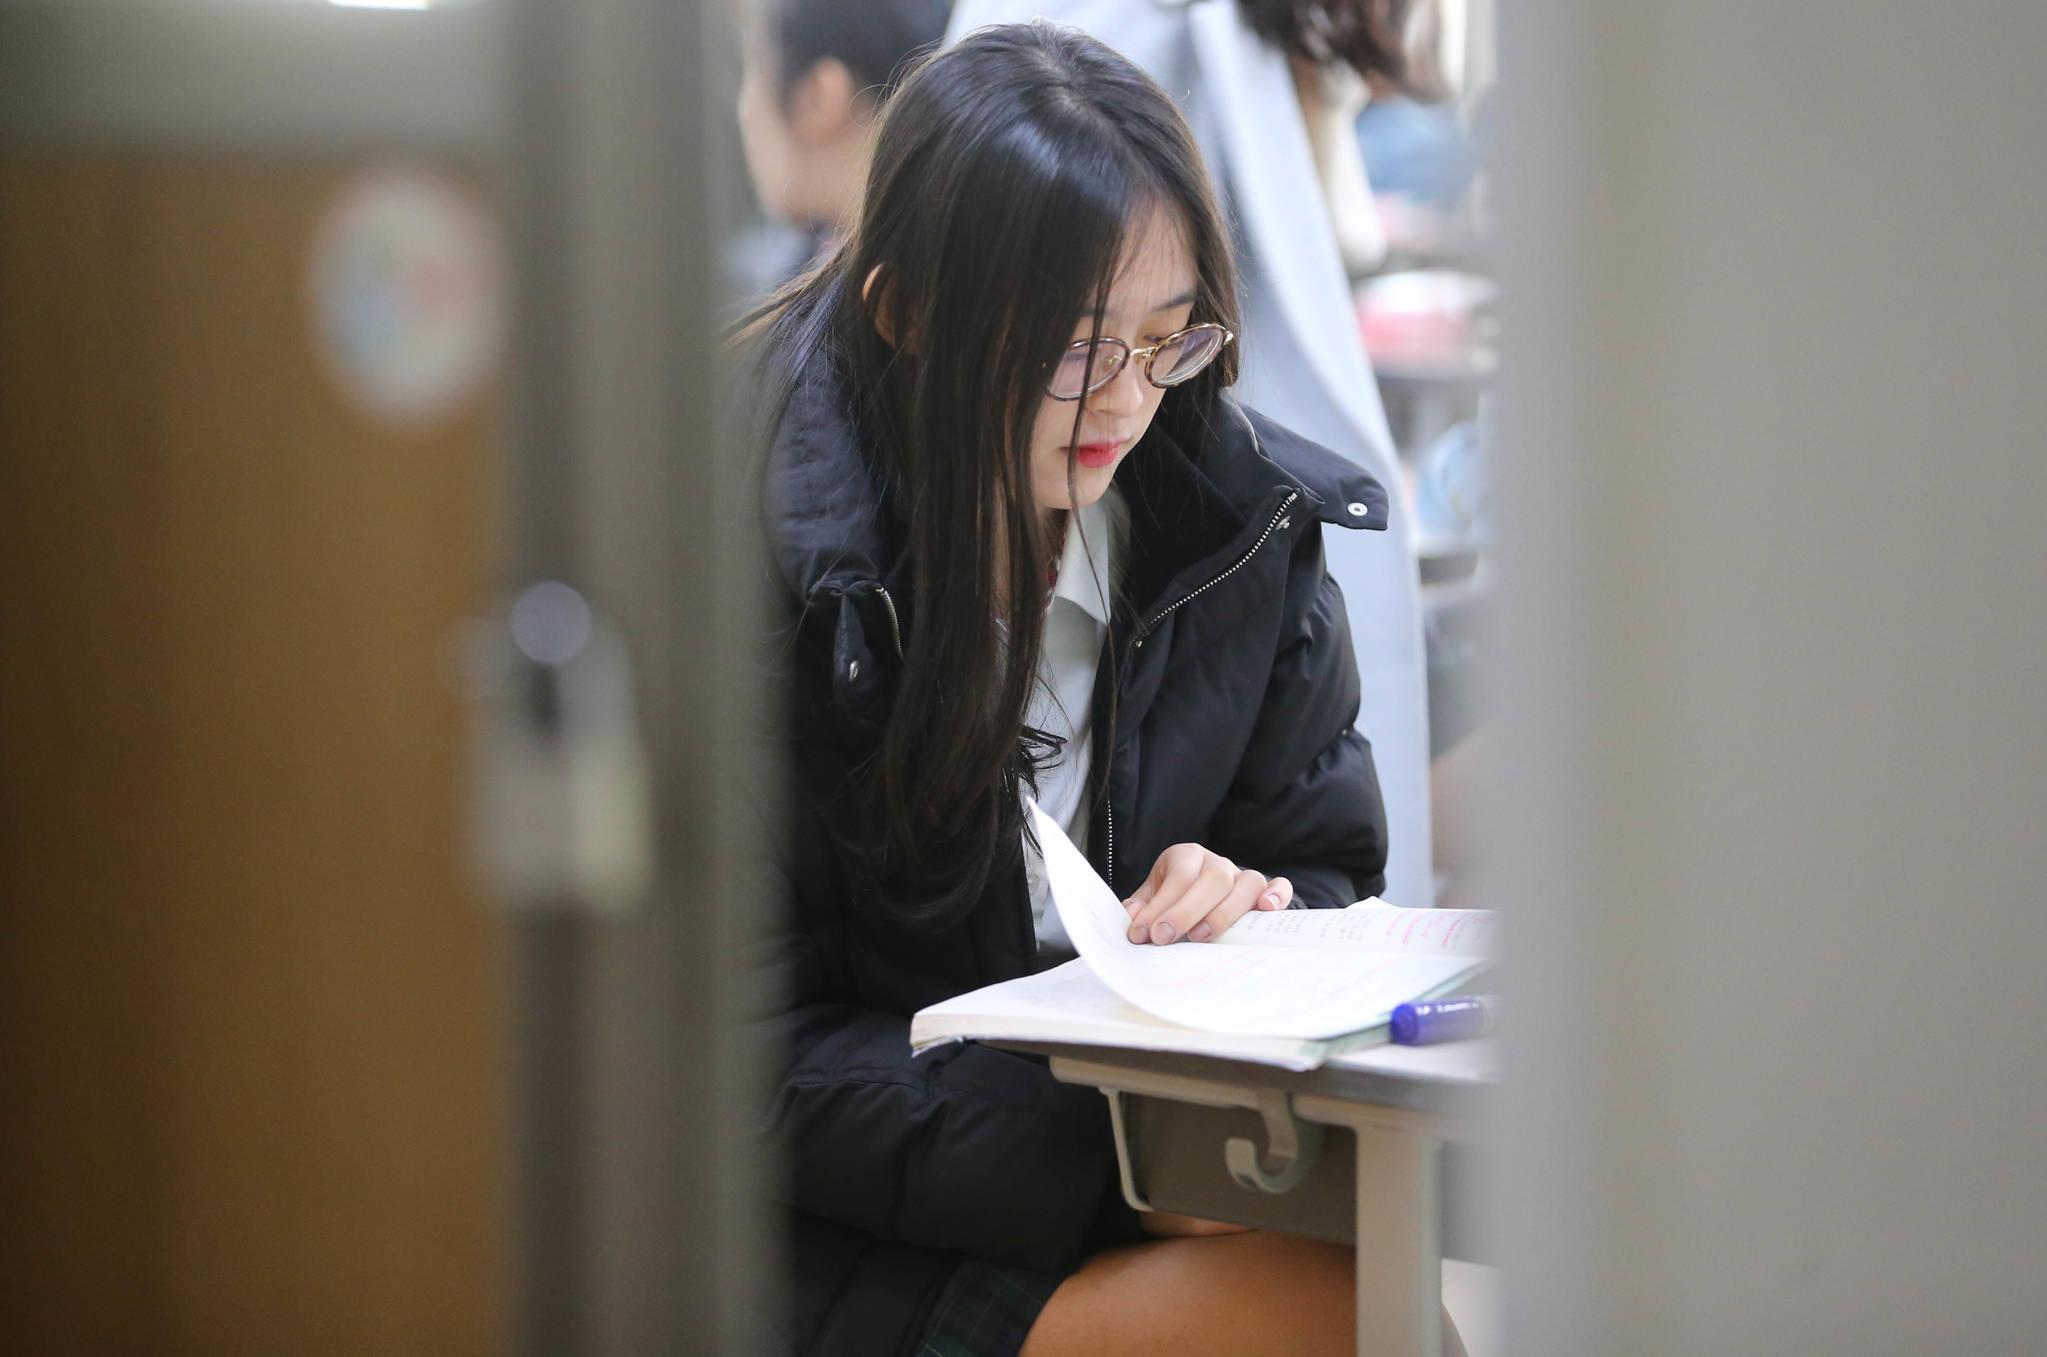 수험표를 받기 전 서울 서초고등학교 고3 여학생이 책을 보고 있다. 신인섭 기자